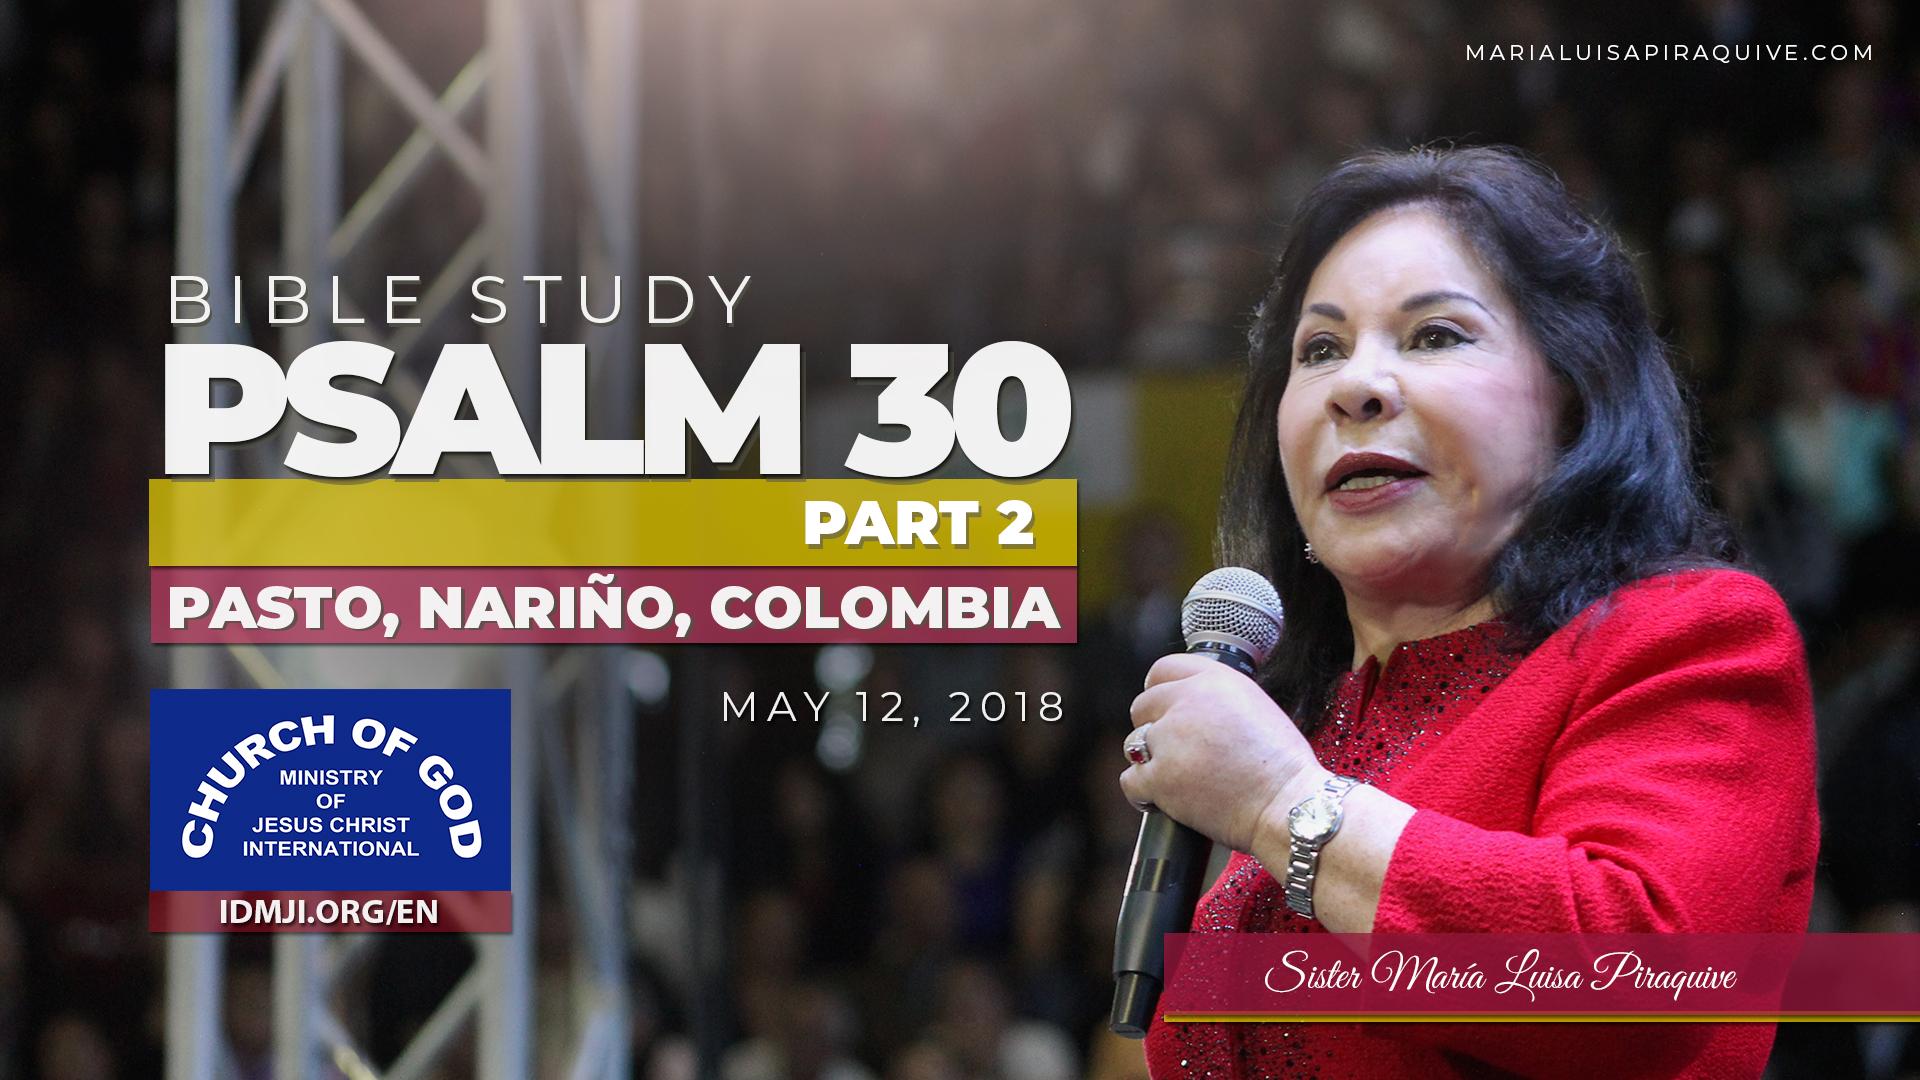 Psalm 30 Part 2